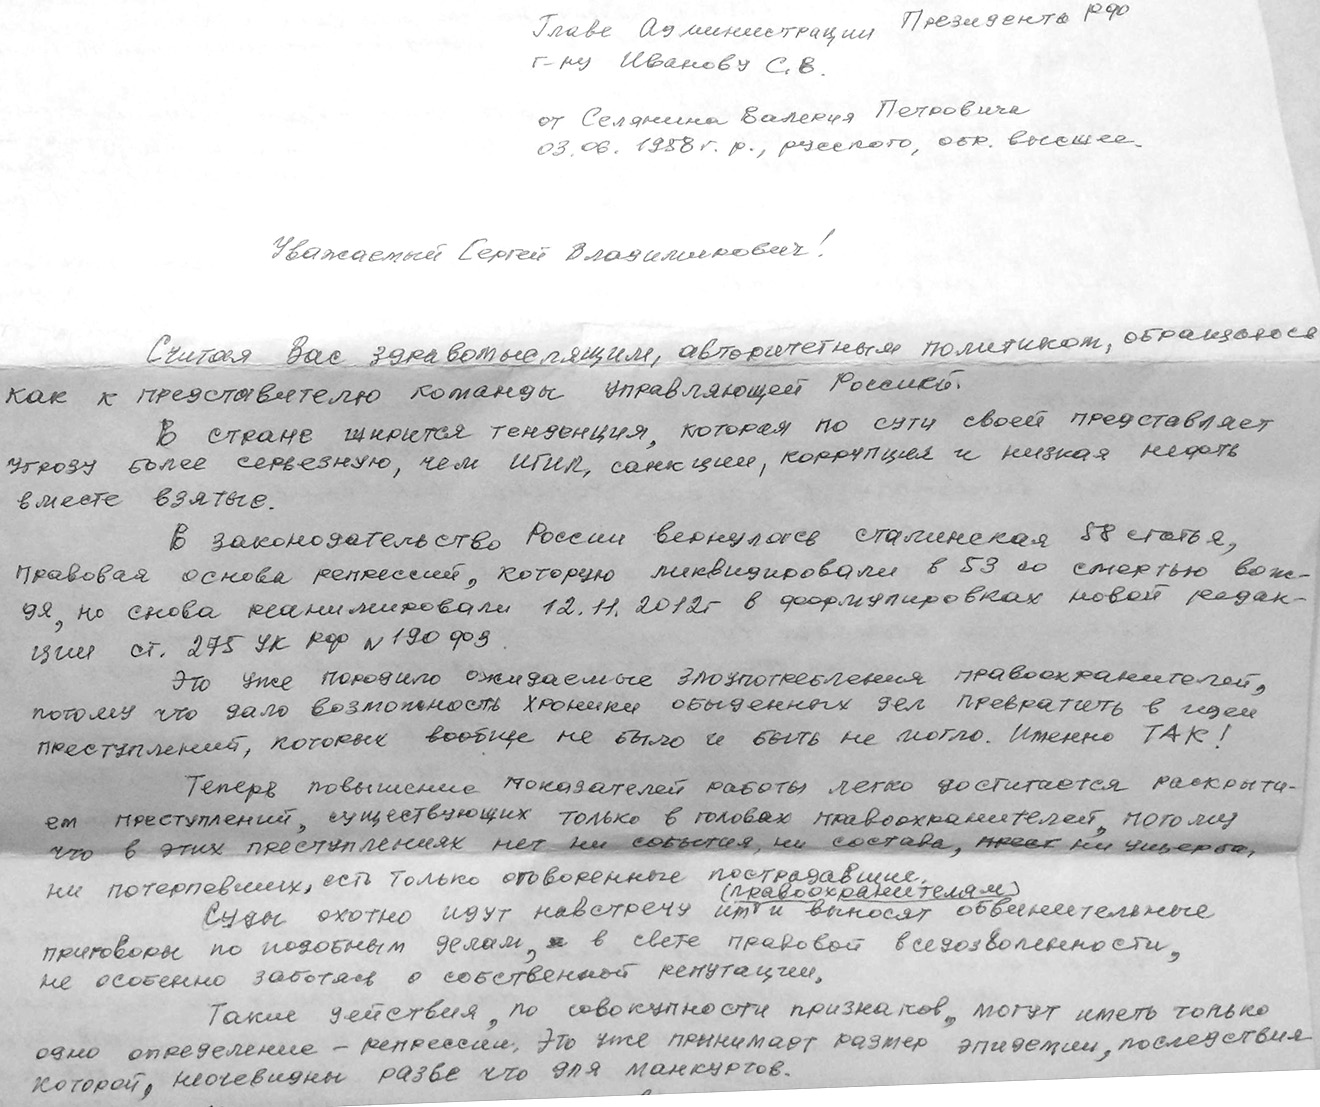 Фрагмент письма Валерия Селянина главе администрации президента Сергею Иванову